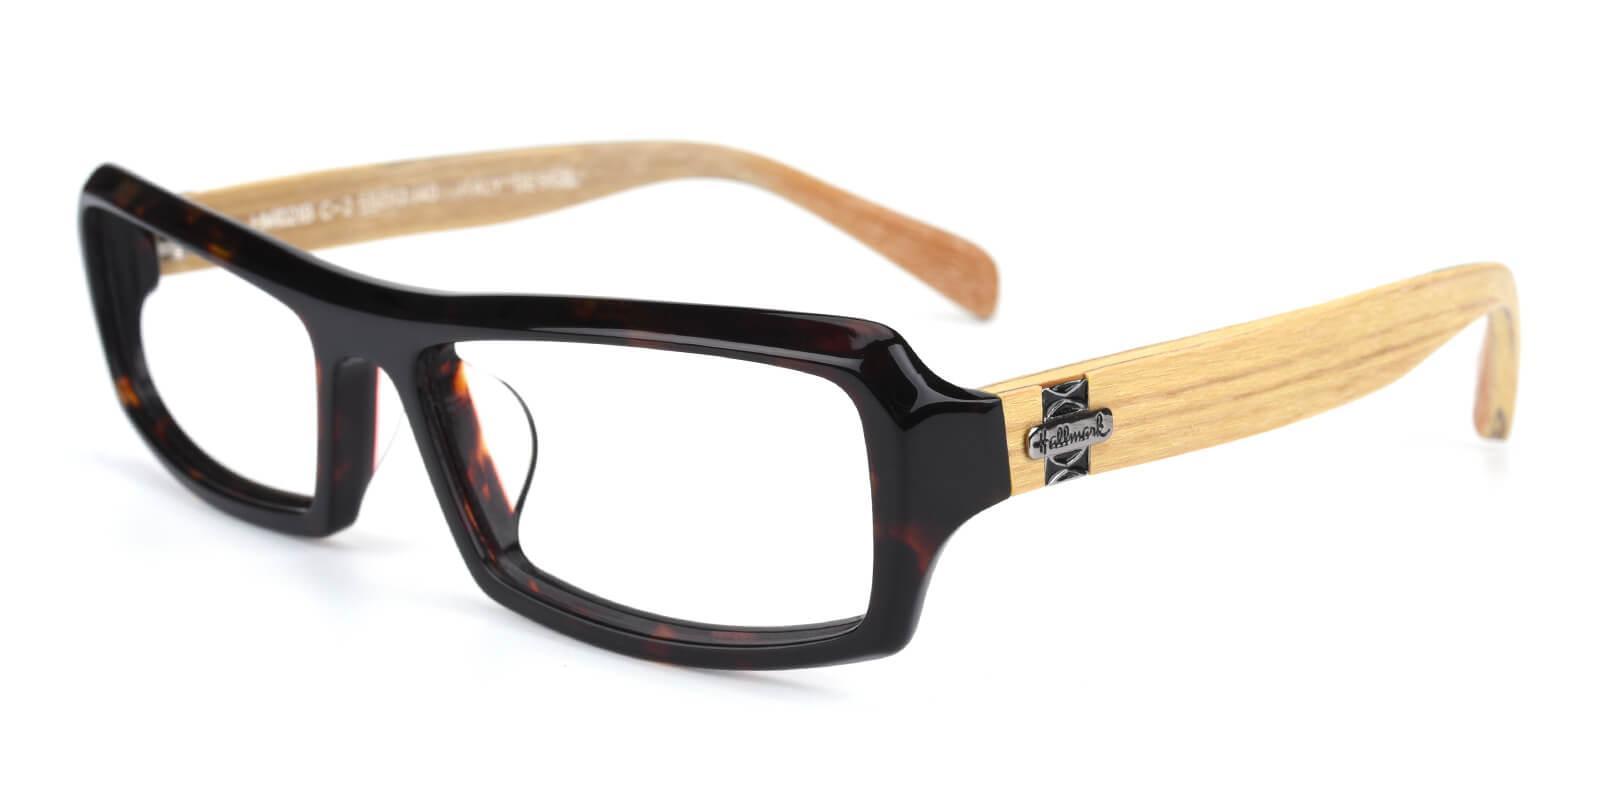 Deaphen-Tortoise-Rectangle-Acetate-Eyeglasses-additional1